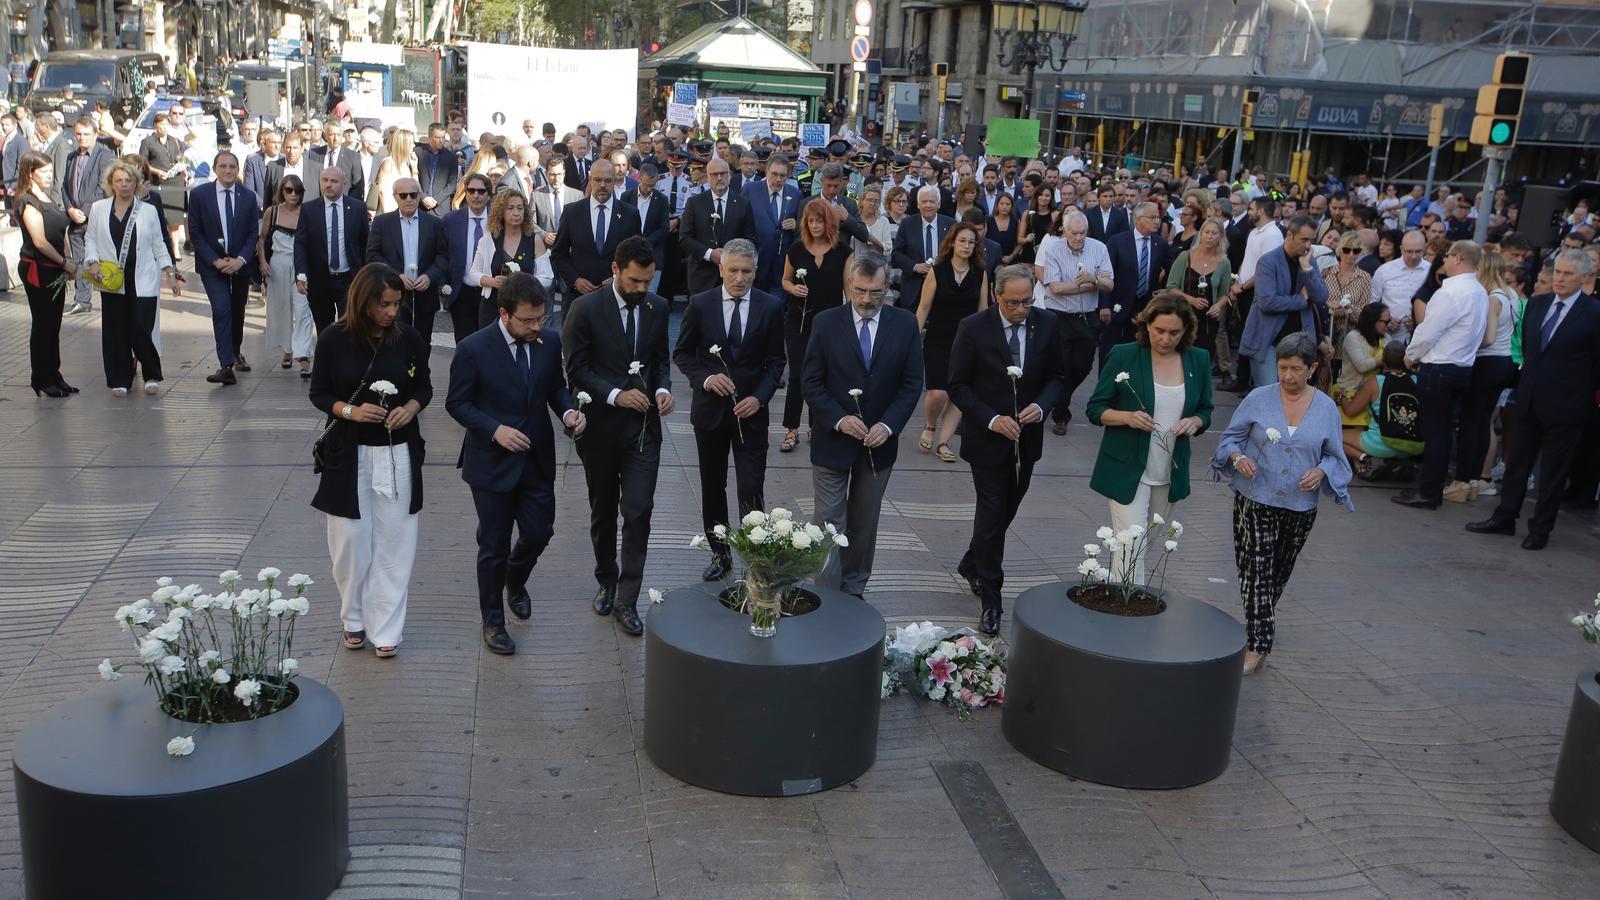 Barcelona recorda les víctimes de l'atemptat a la Rambla